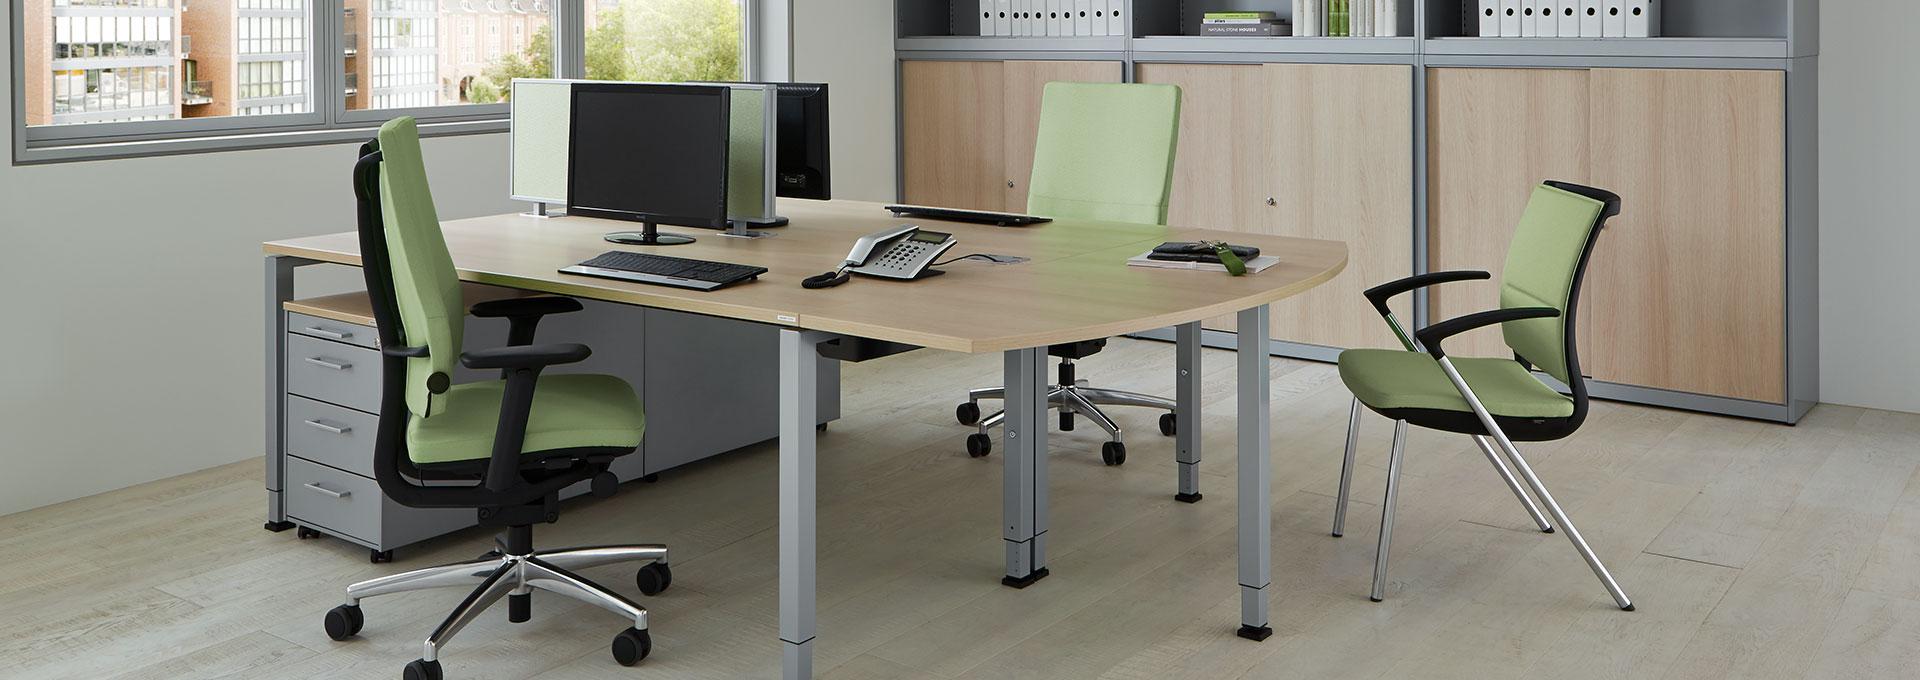 Schreibtisch-Doppelarbeitsplatz-line-container-arcos-mauser-slider